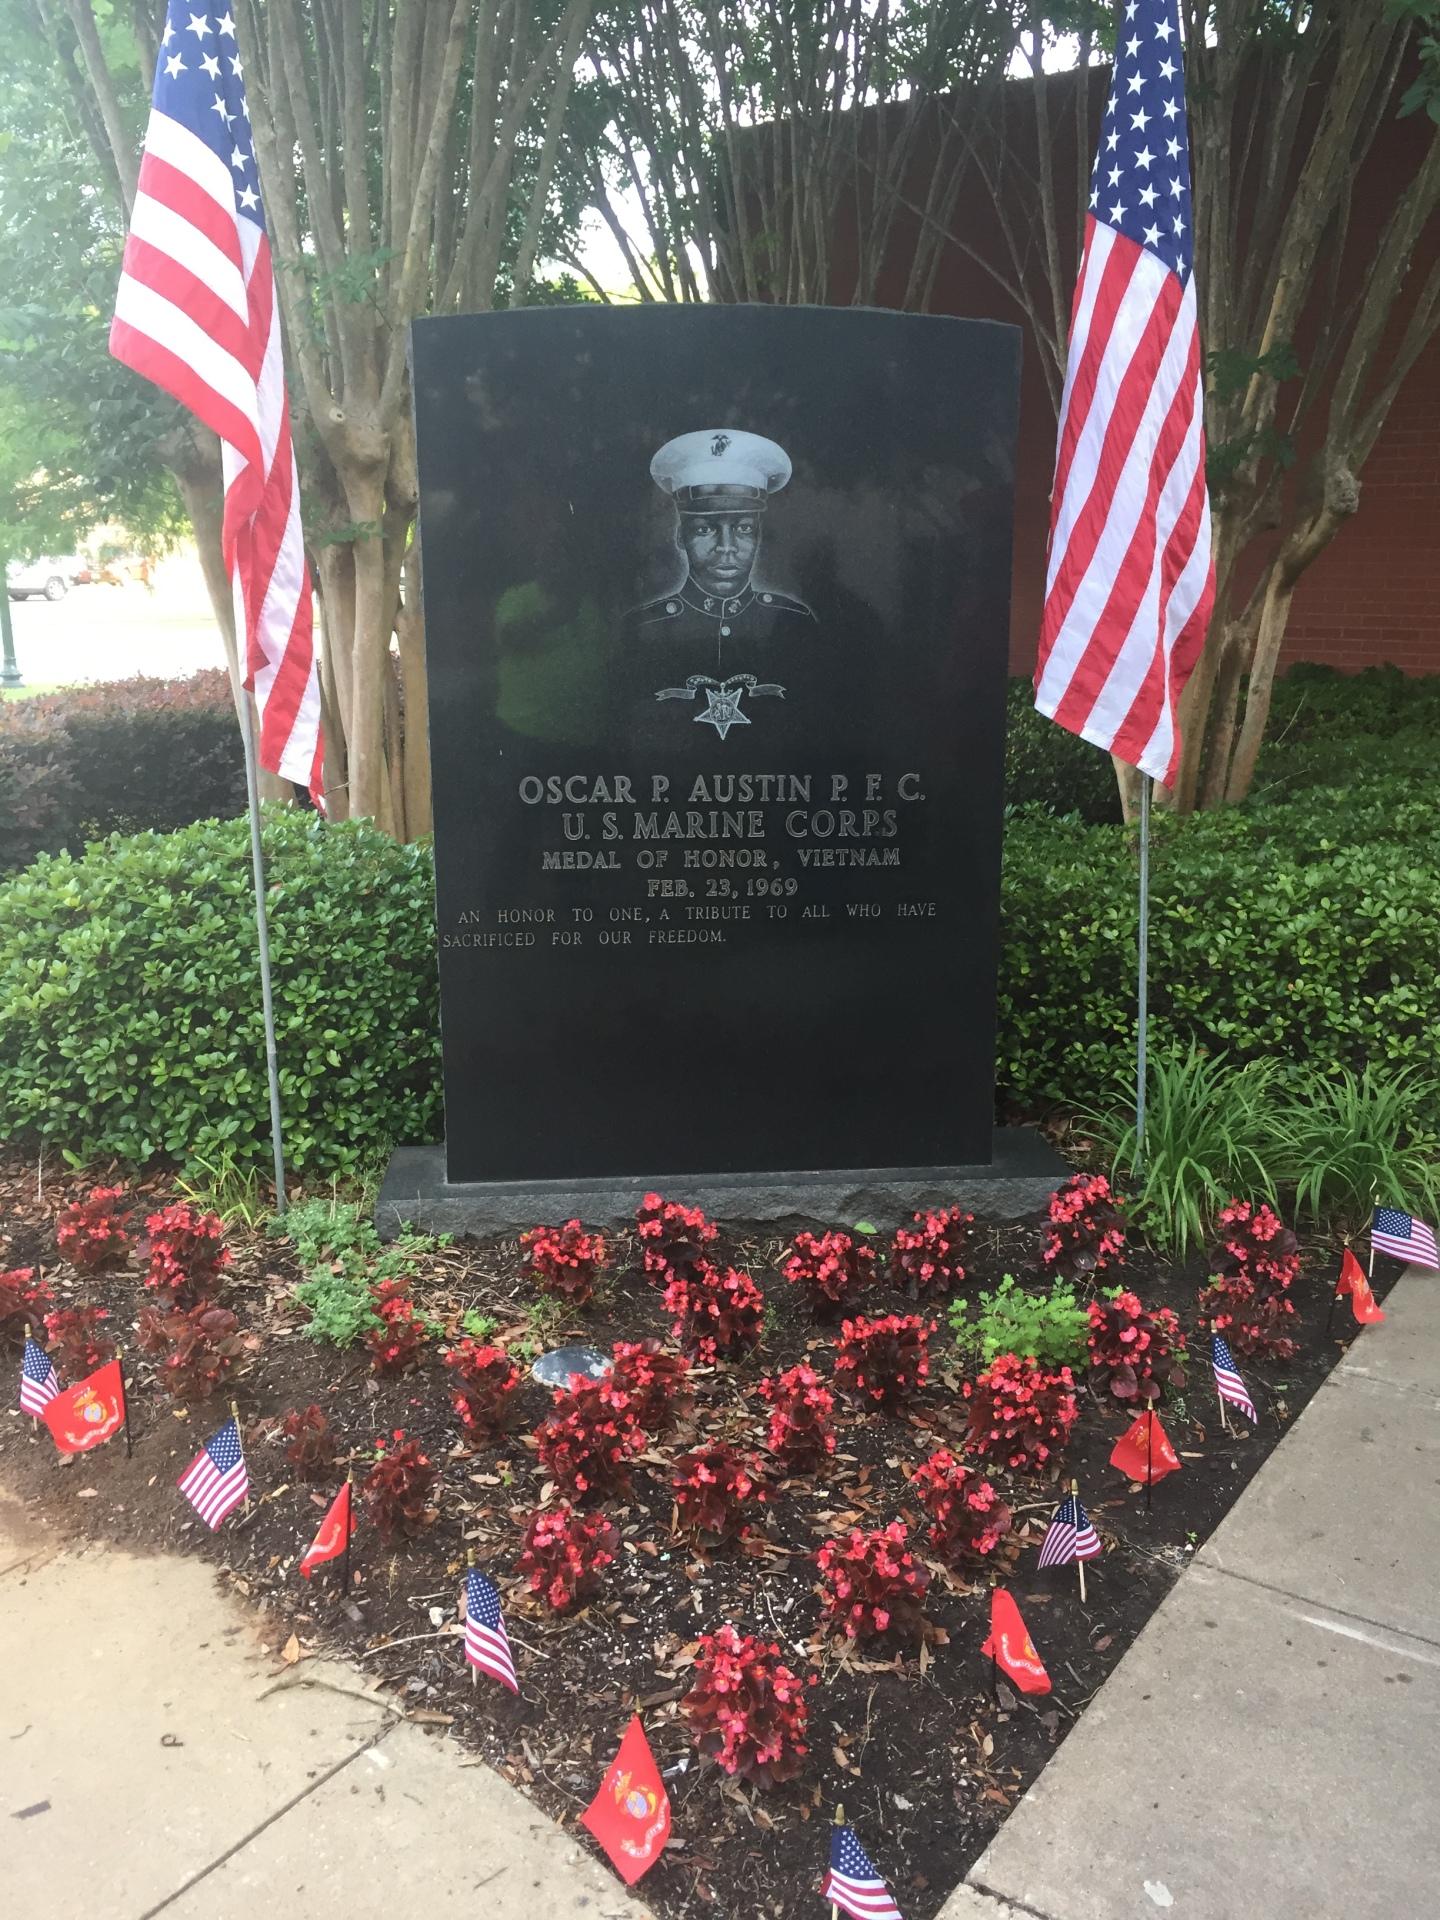 Oscar P. Austin Memorial